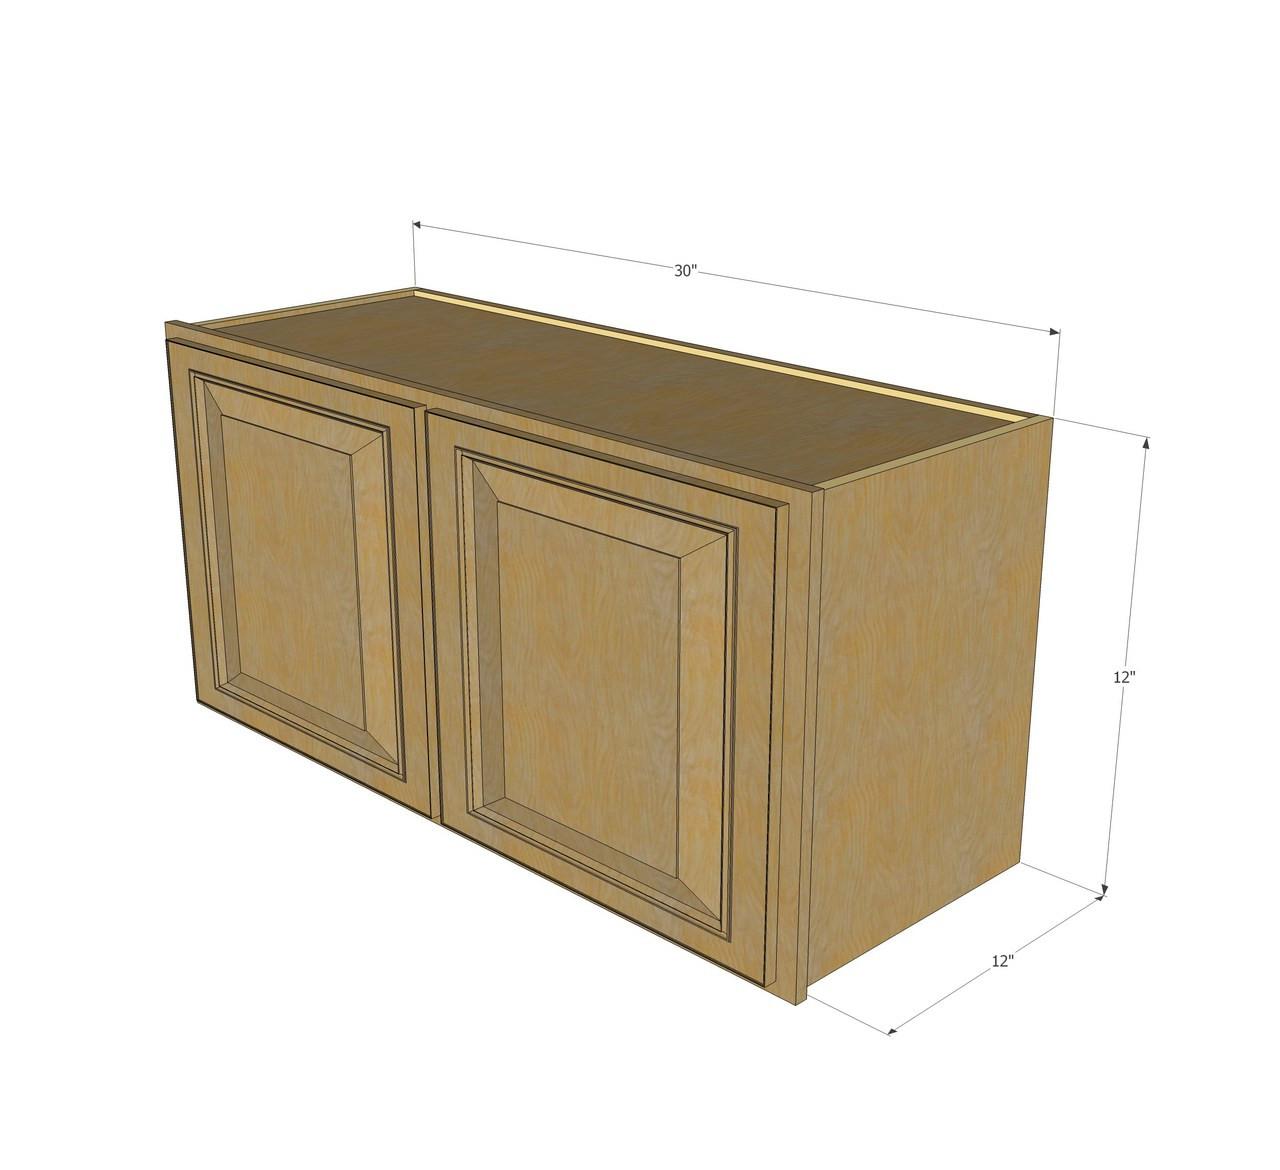 Regal Oak Horizontal Overhead Wall Cabinet - 30 Inch Wide ...